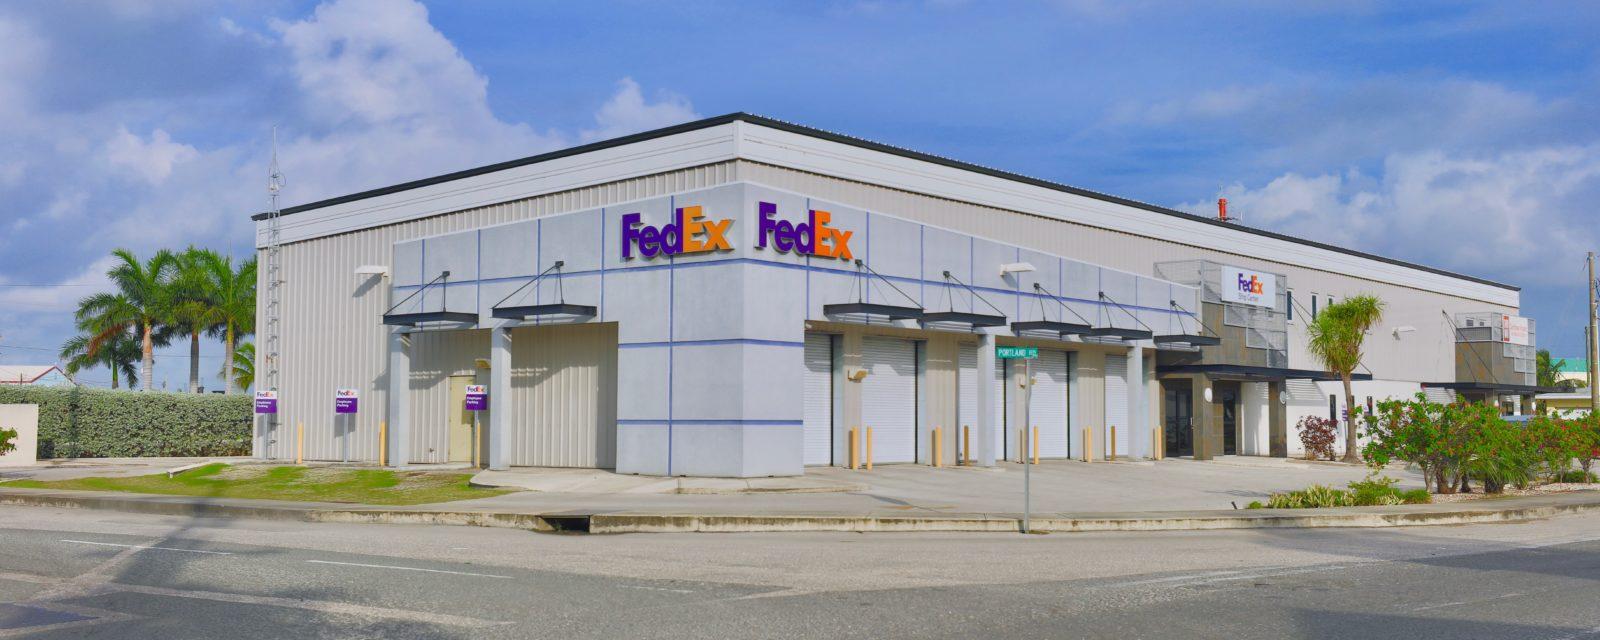 FedEx Building